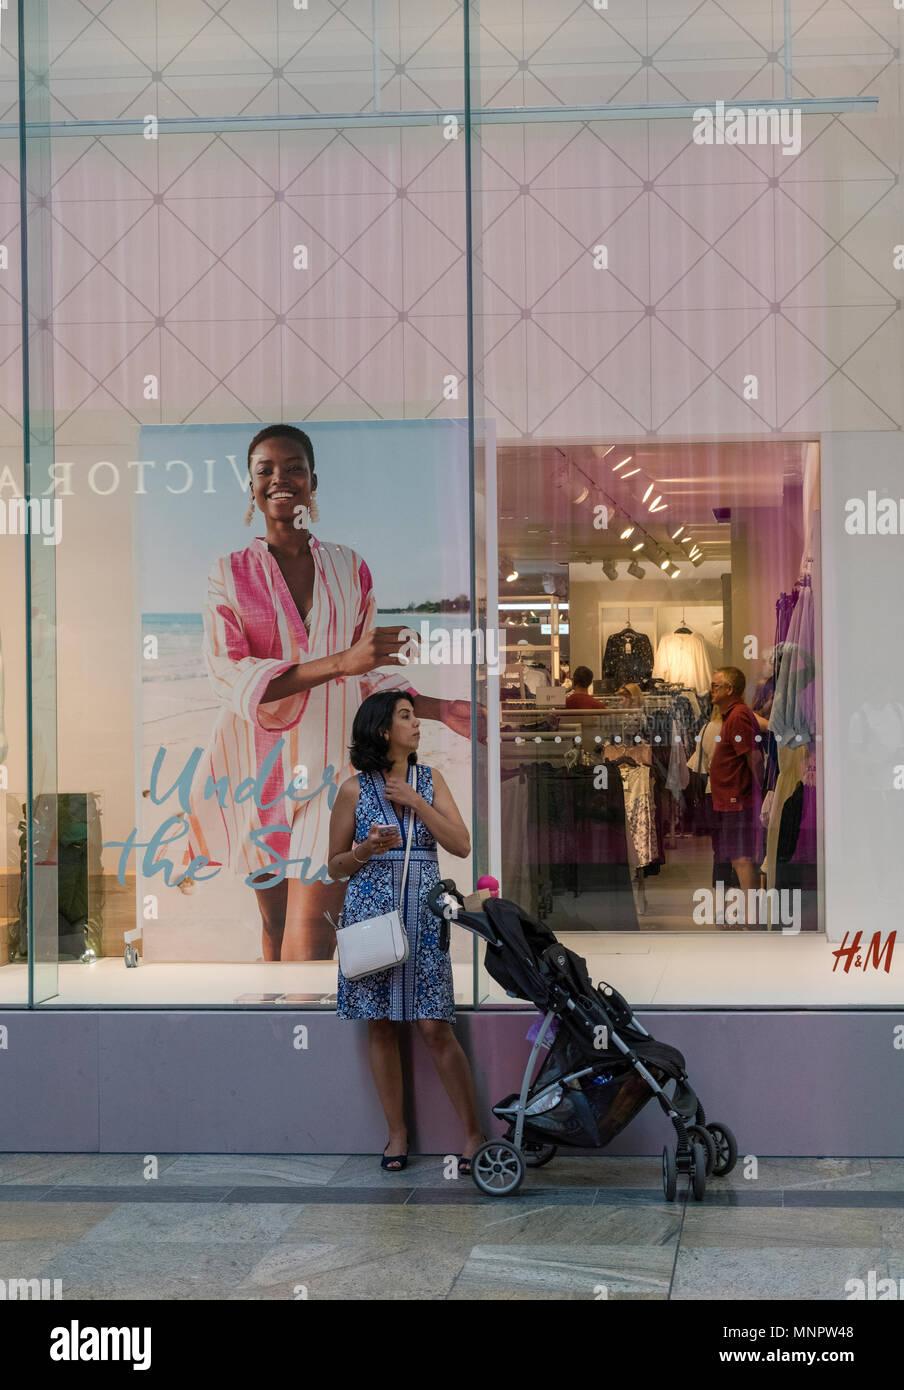 Une jeune femme avec un bébé dans une poussette à l'extérieur d'un magasin de vêtements pour femmes dans un centre commercial à la recherche à un téléphone mobile ou un appareil portable. Photo Stock